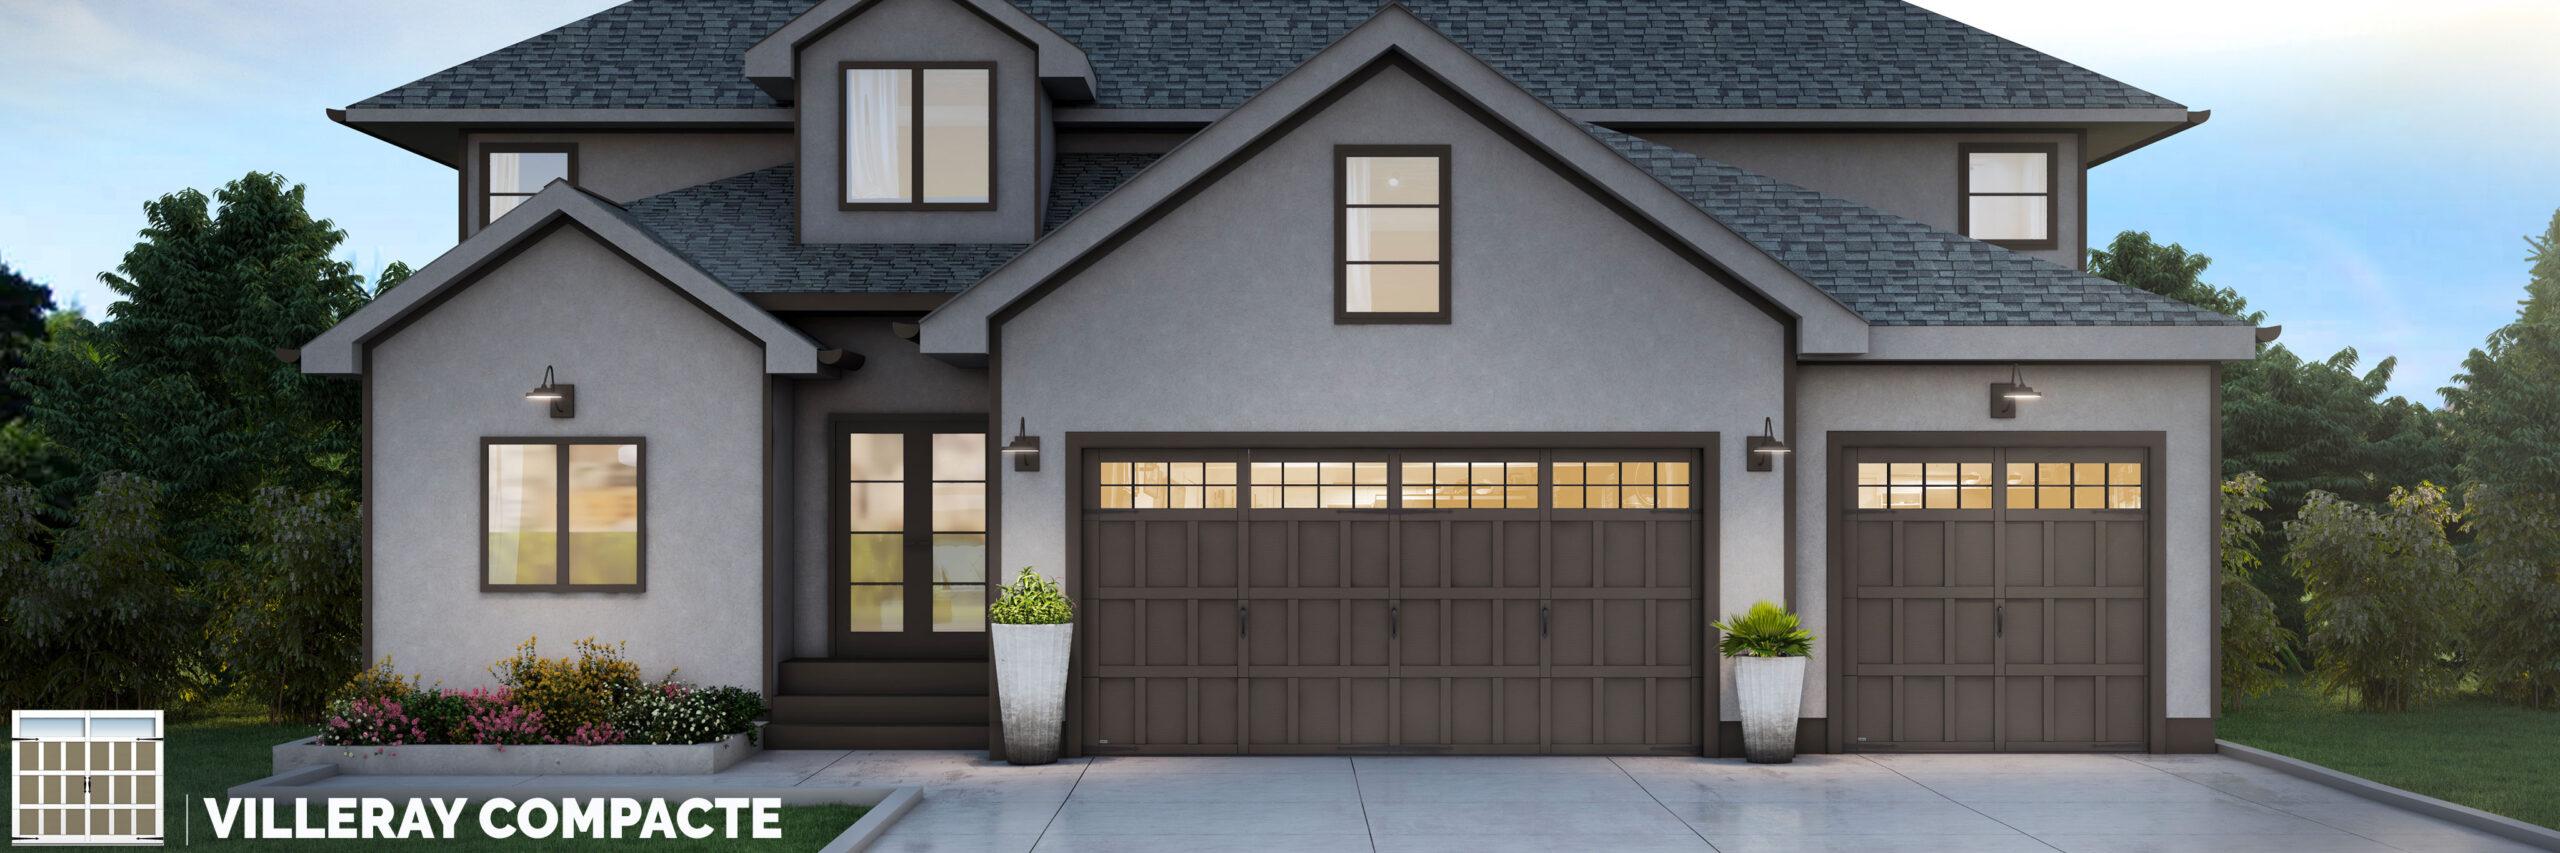 villeray compacte porte de garage style champetre par garex scaled